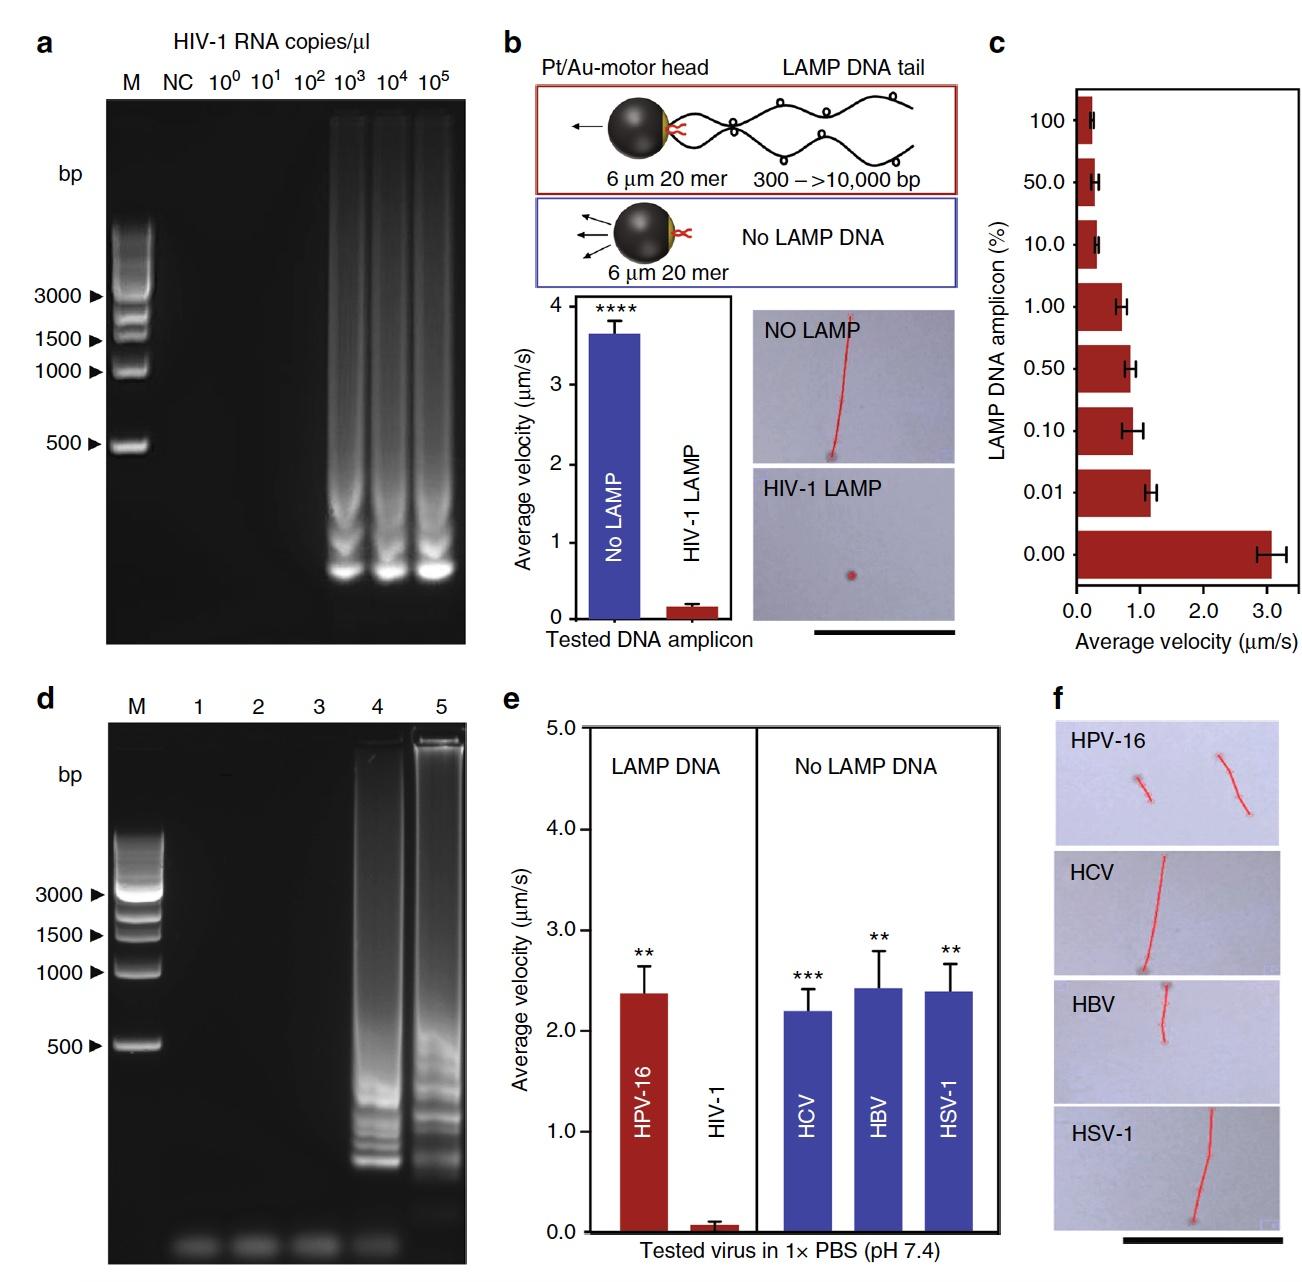 Анализ скорости молекулярных микромоторов для диагностики ВИЧ - 12